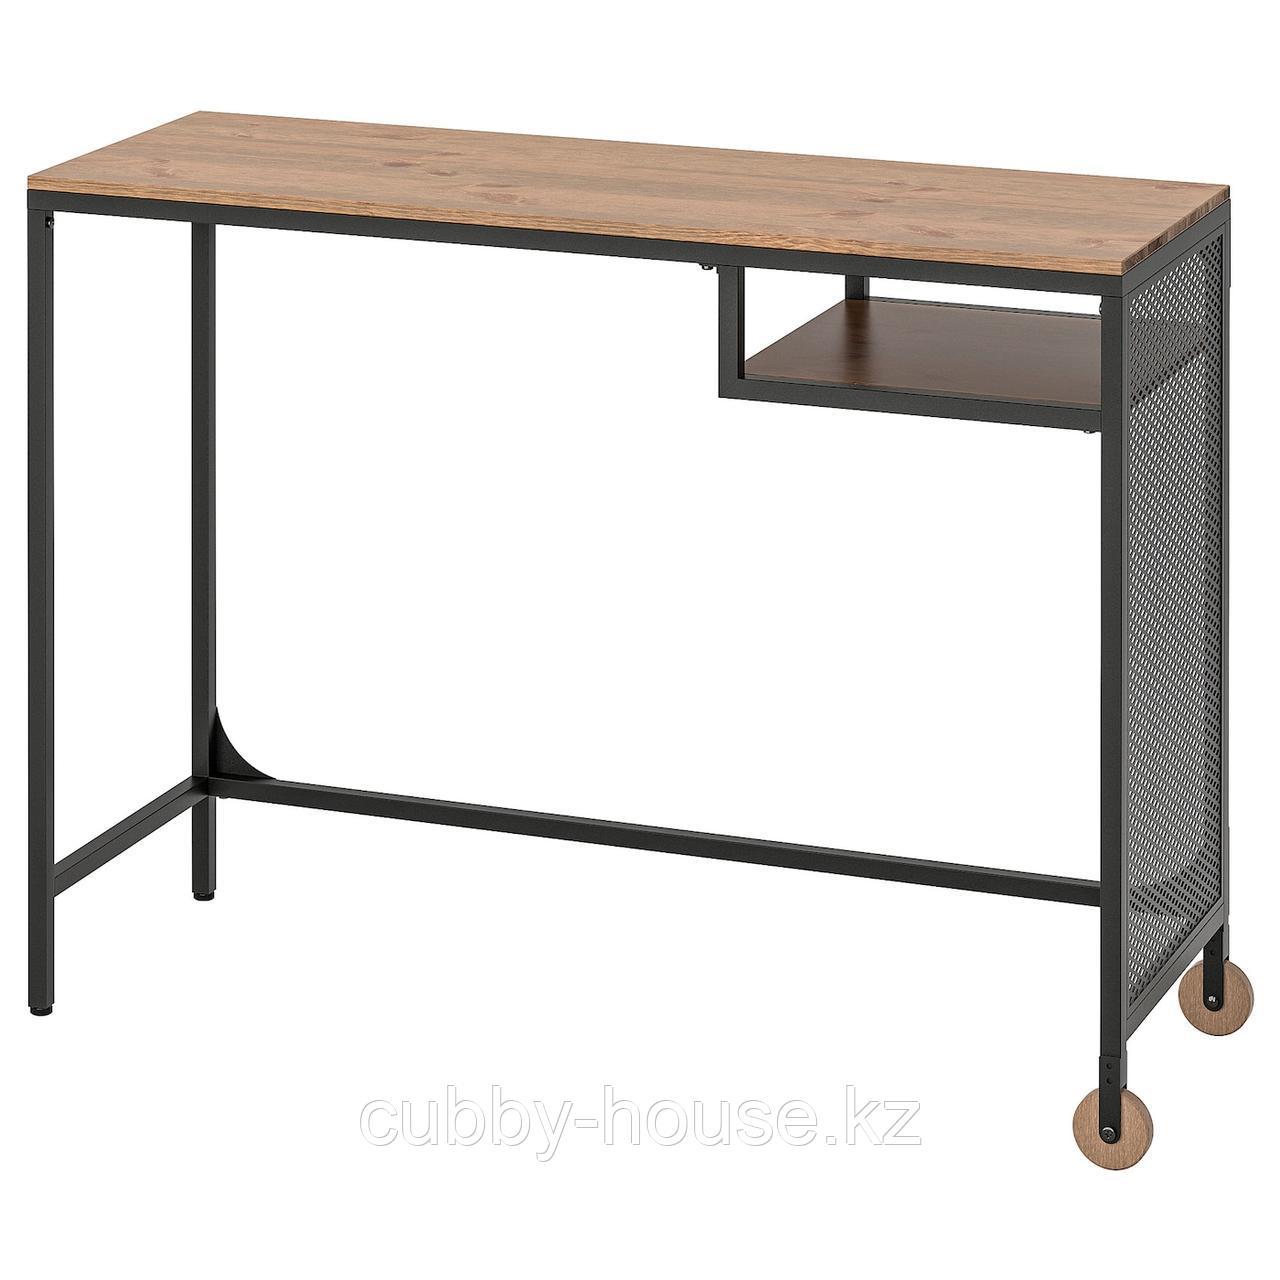 ФЬЕЛЛЬБО Стол д/ноутбука, черный, 100x36 см